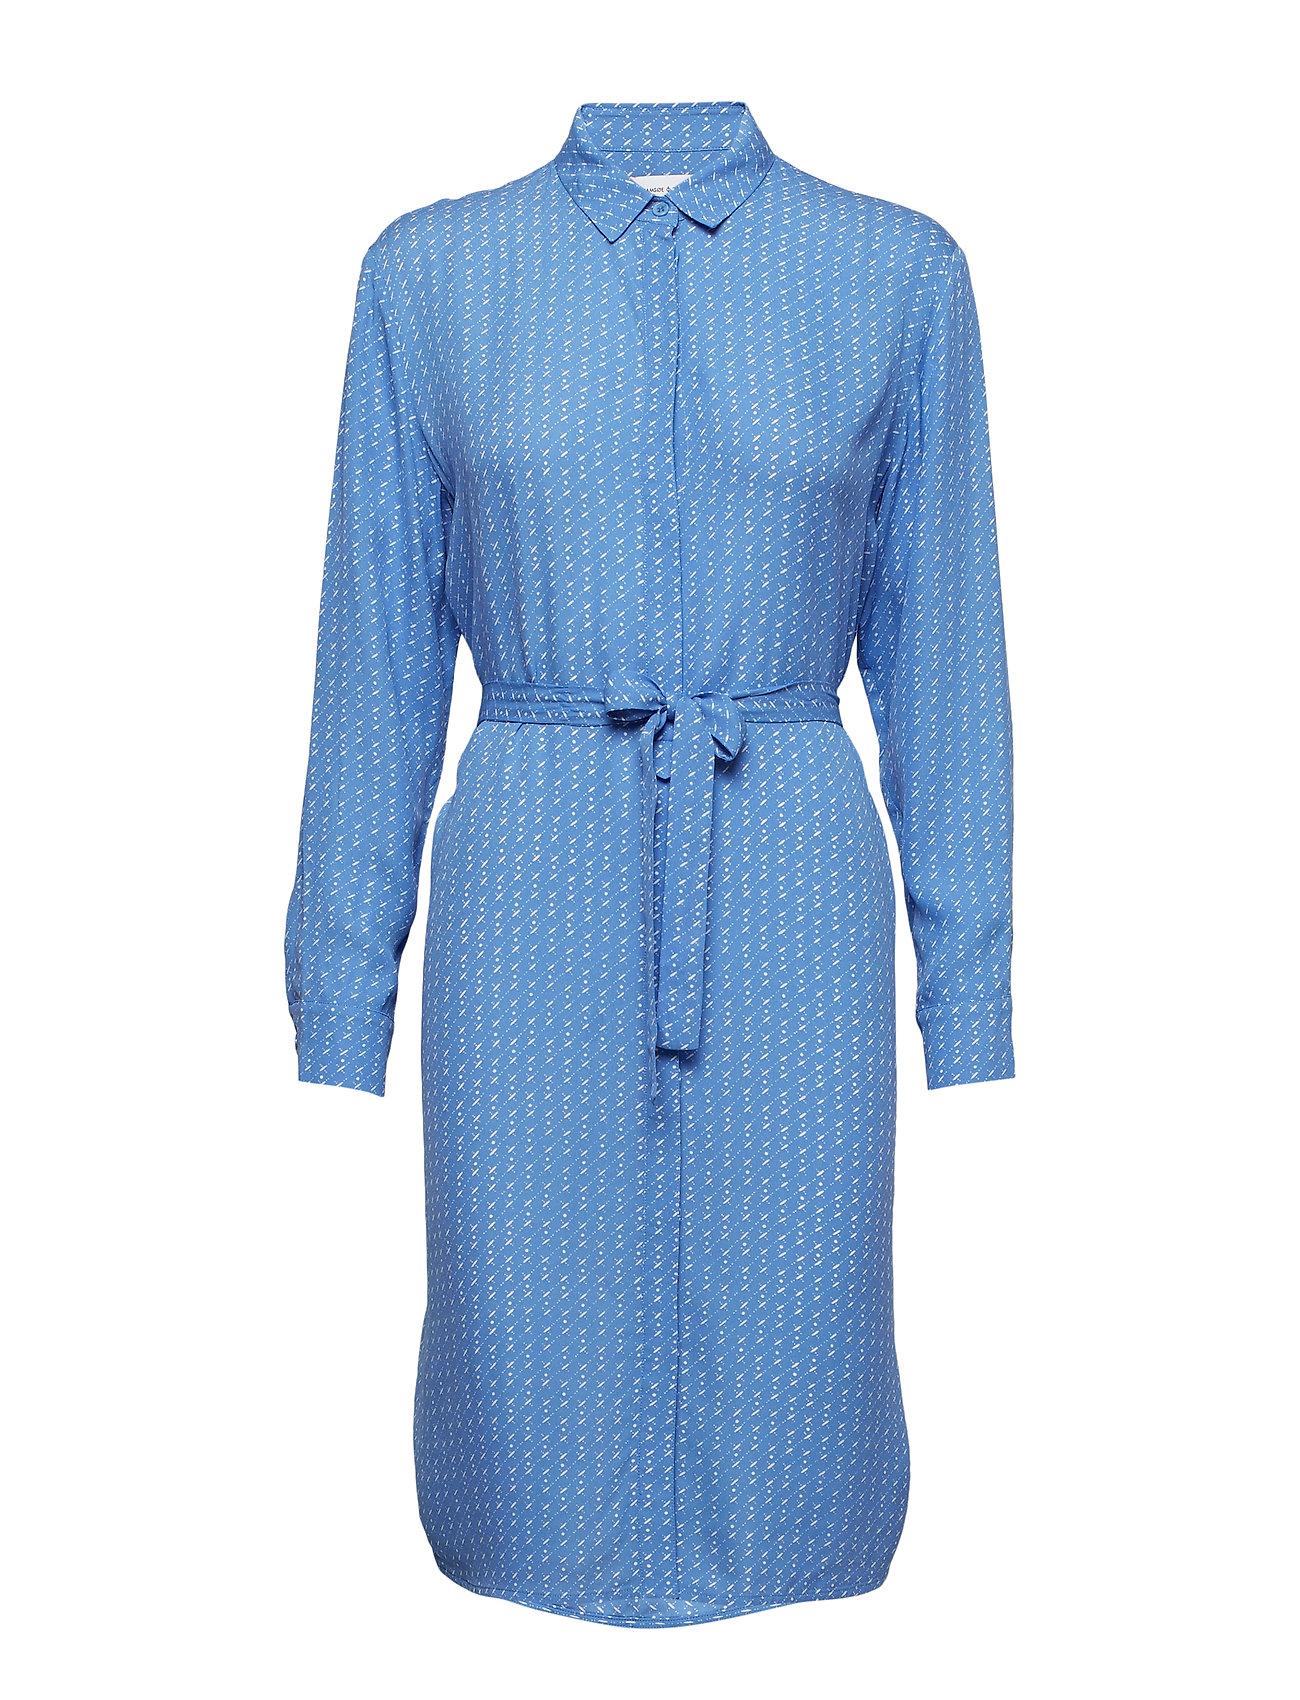 Samsøe & Samsøe Stella shirt dress aop 8083 - BLUE STARRY